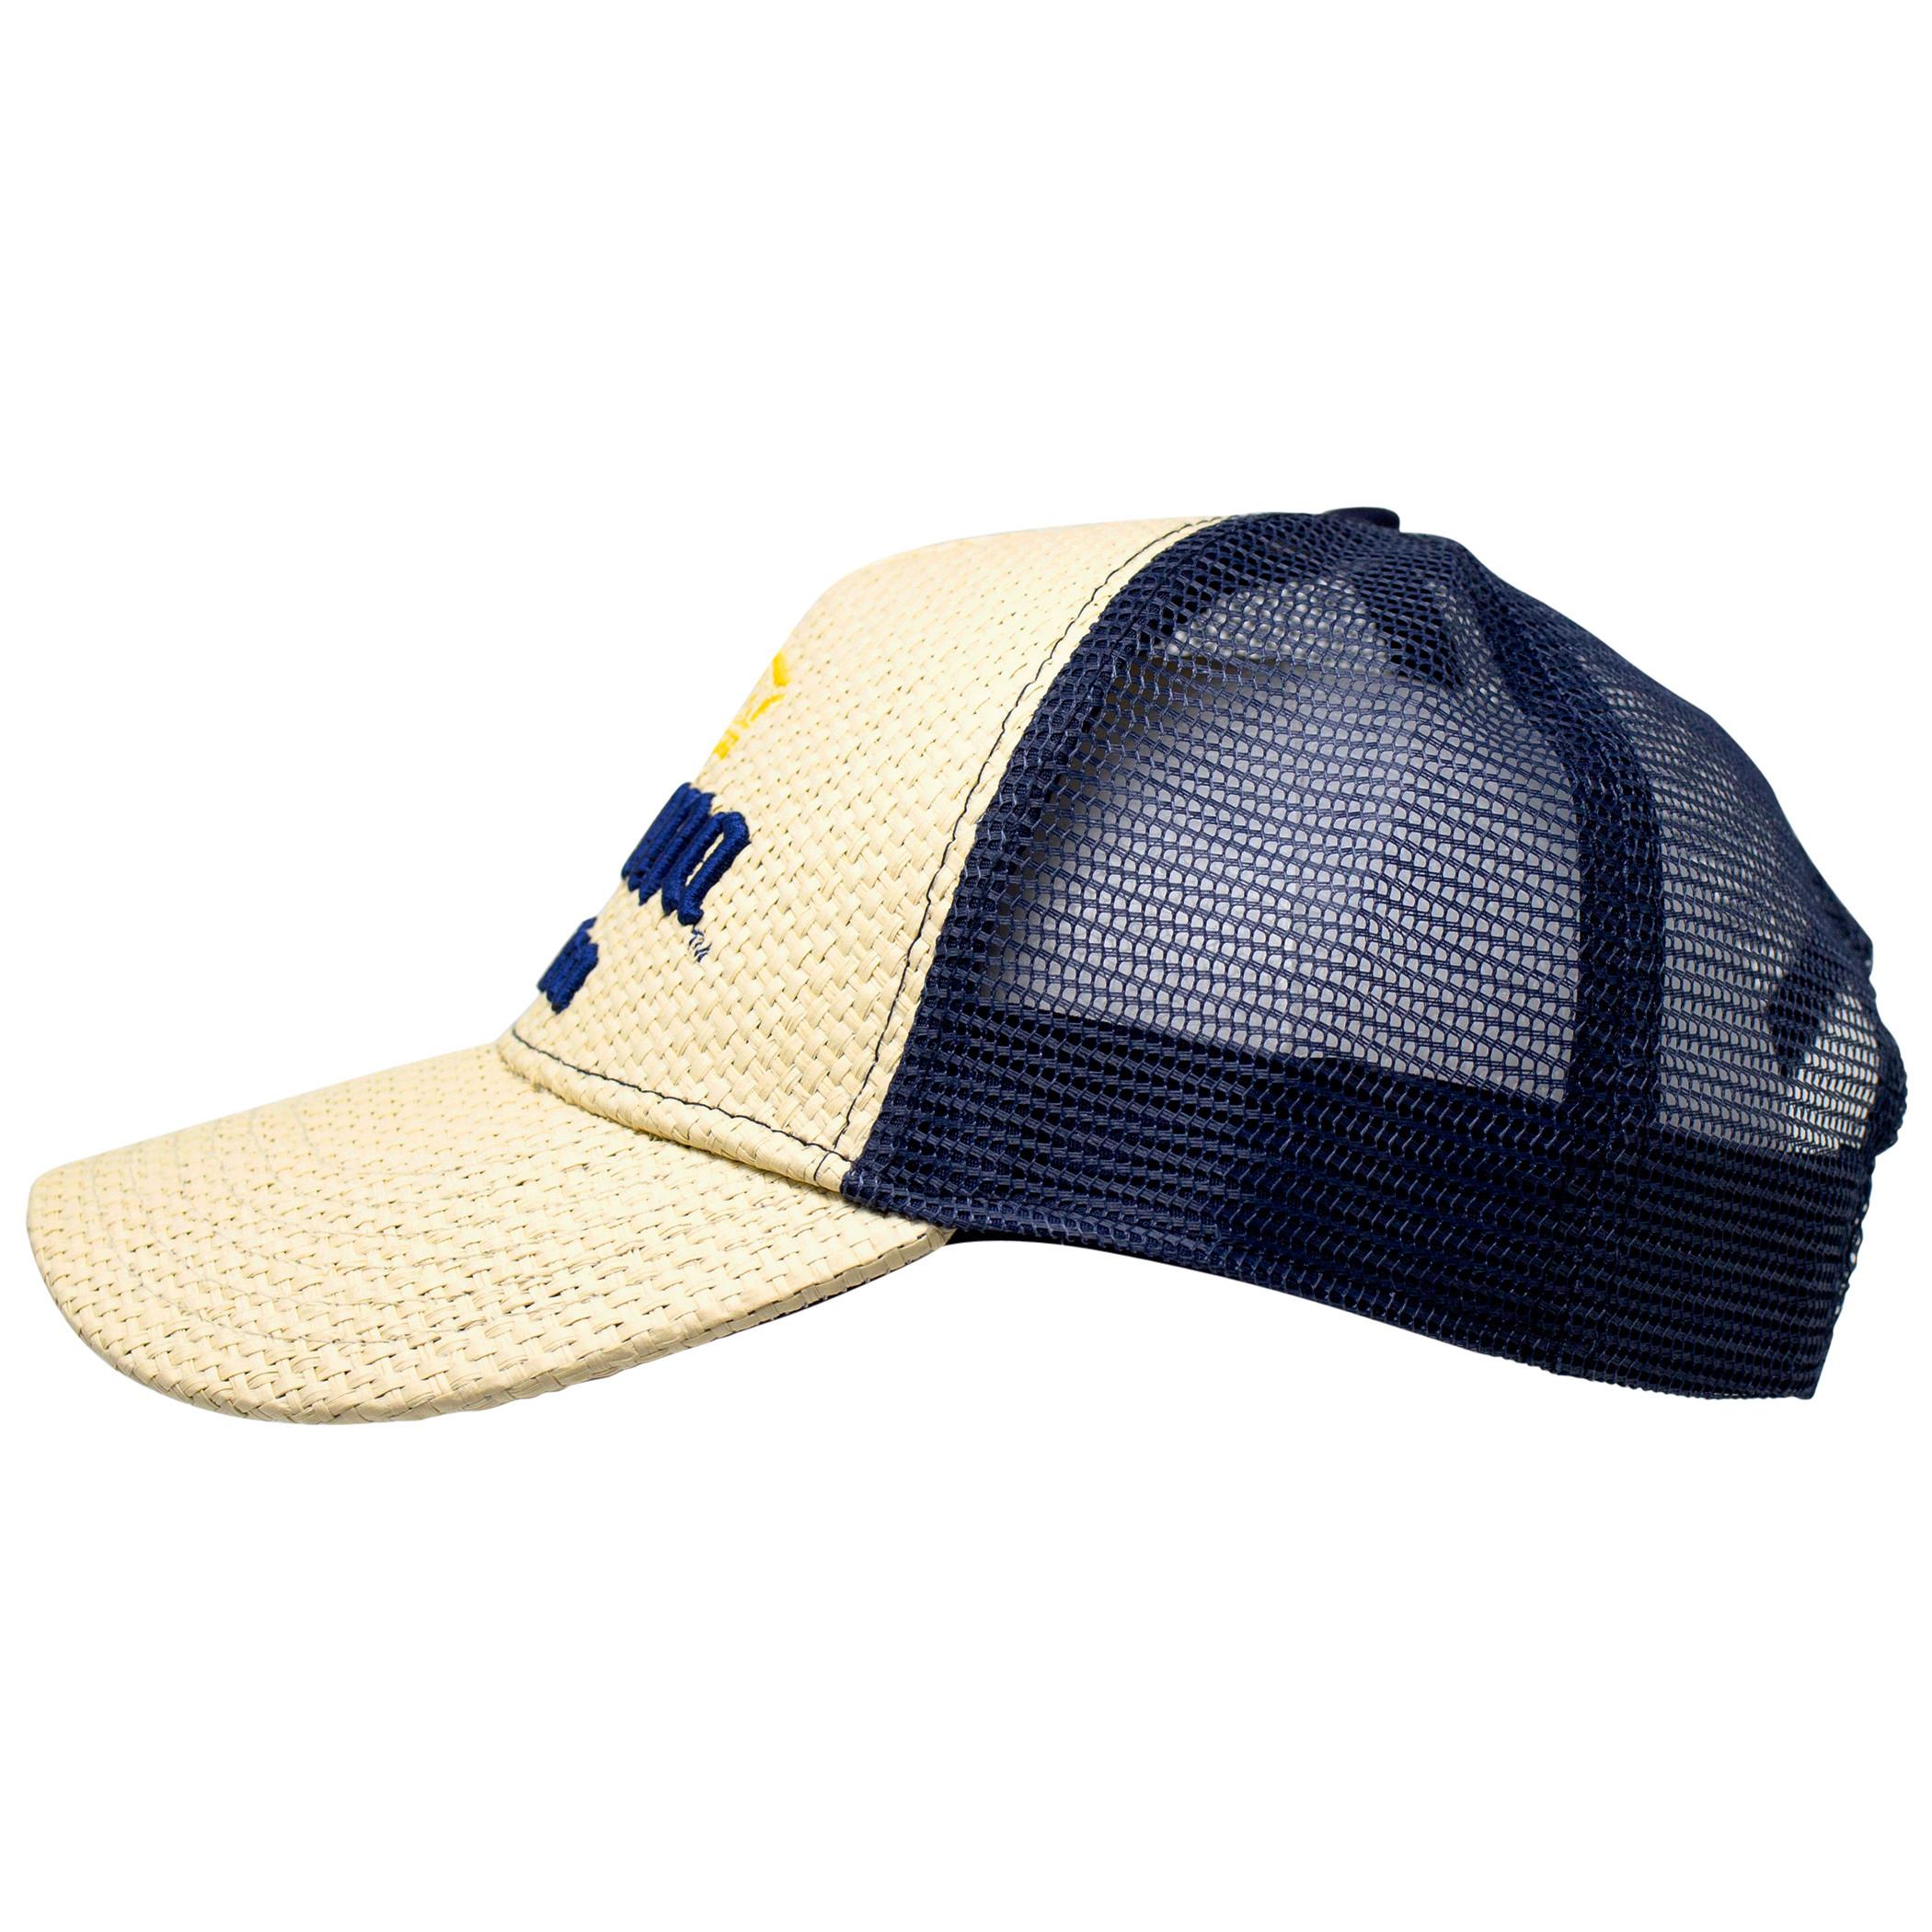 Corona Extra Straw Bottle Opener Hat